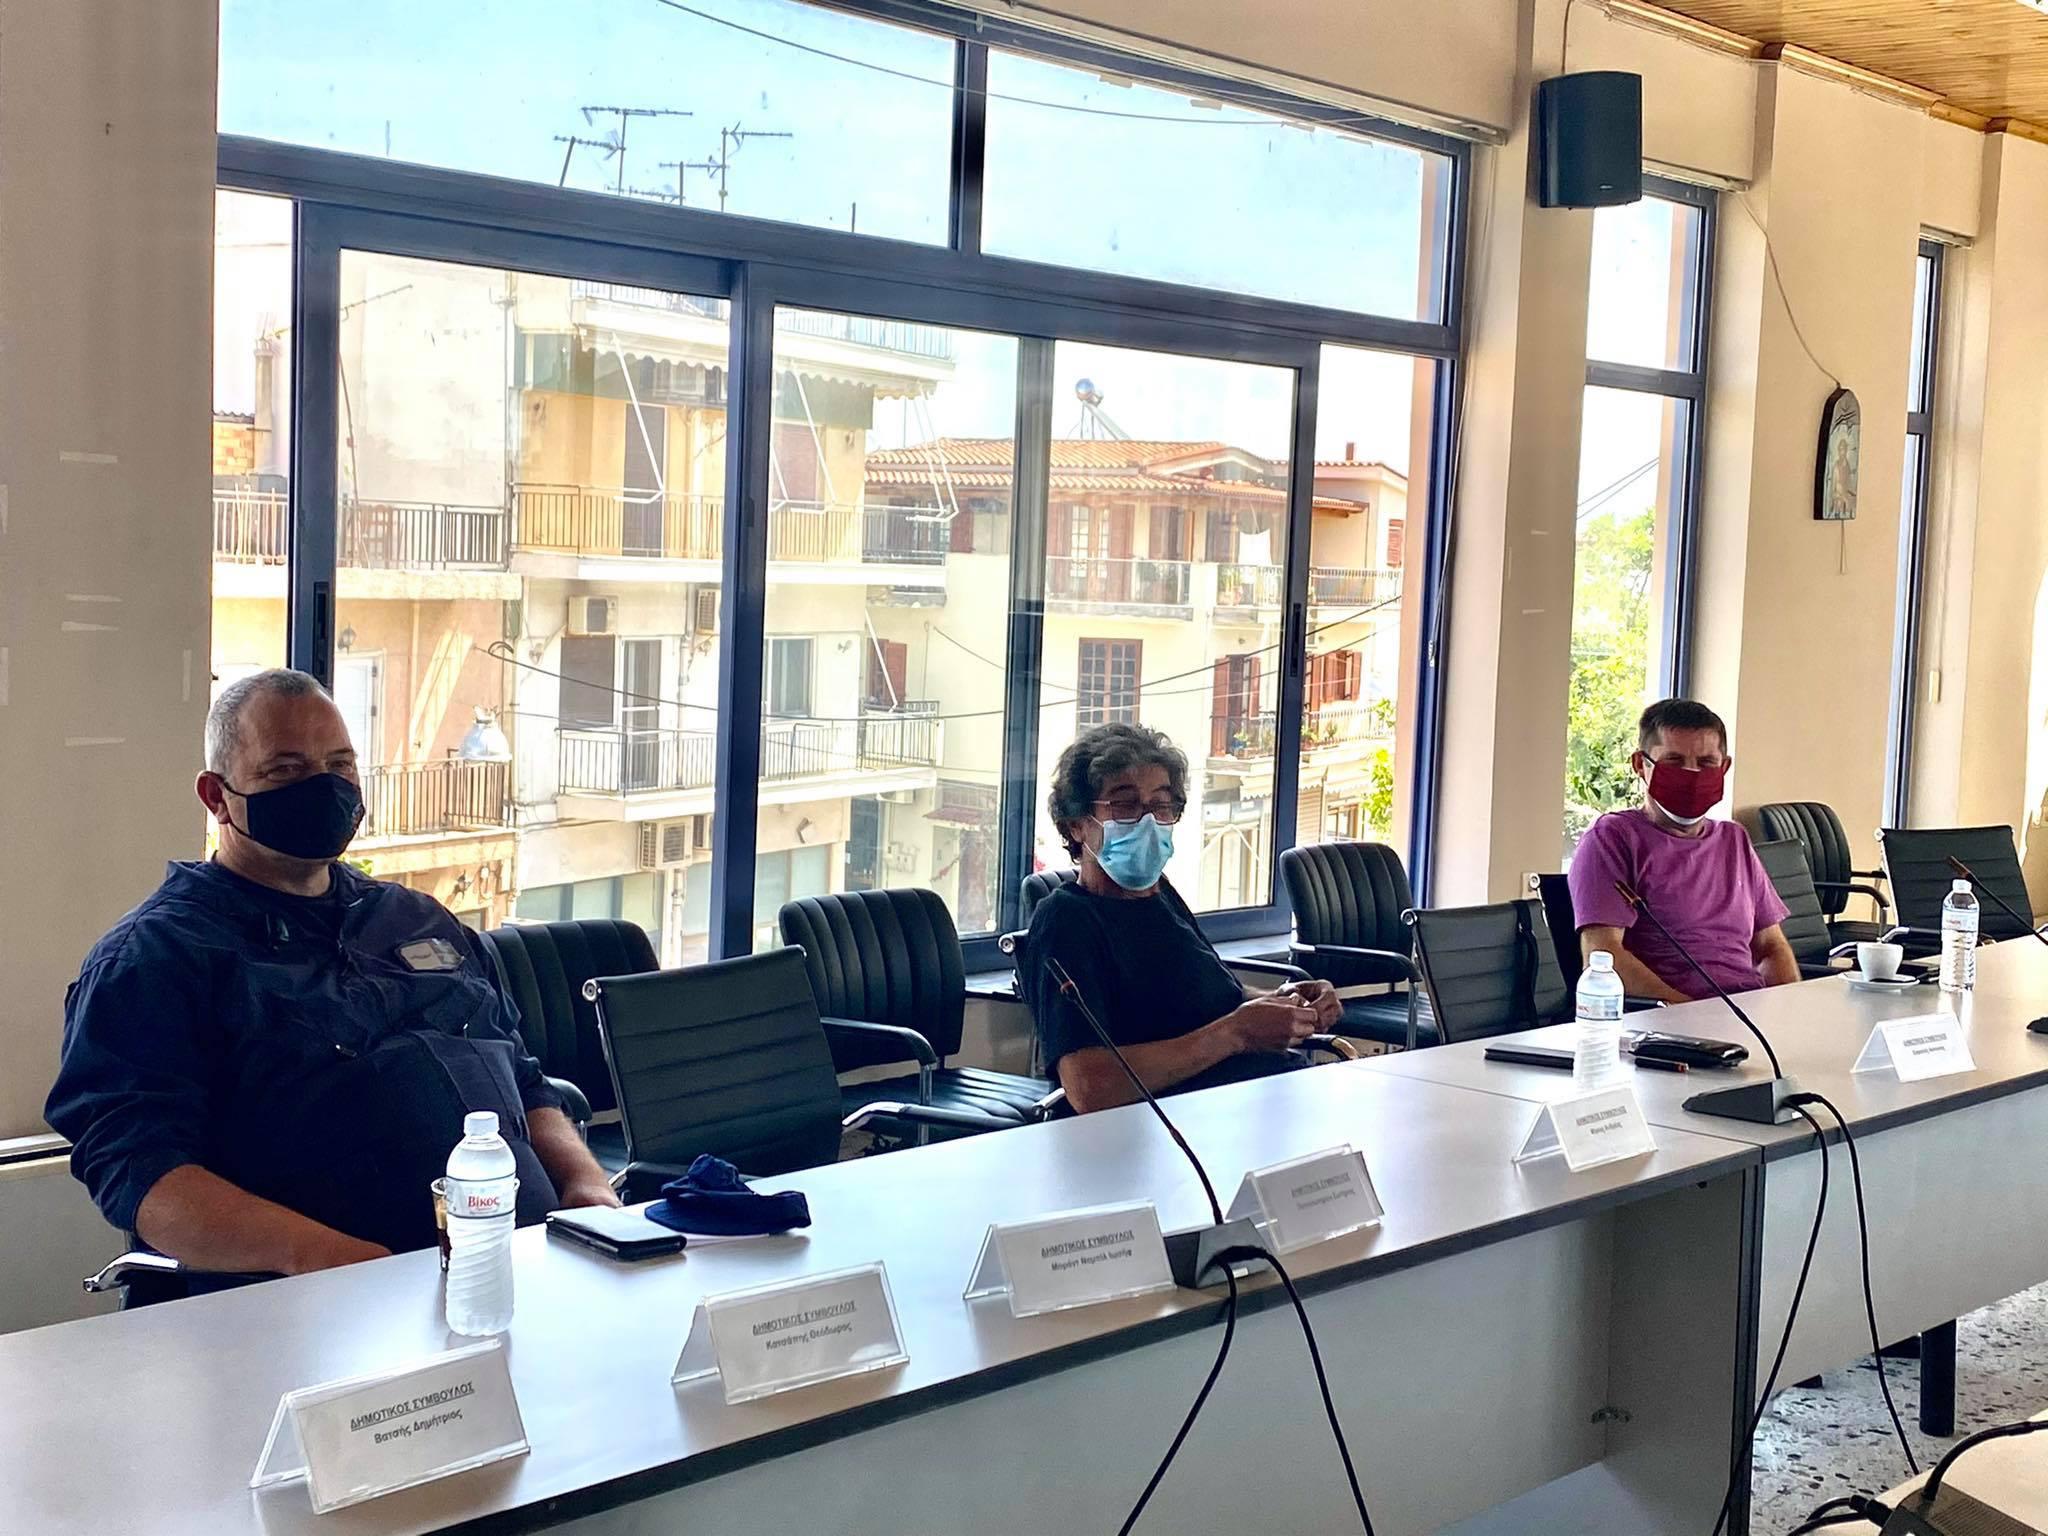 Συνεδρίασε το Συντονιστικό Τοπικό Όργανο (ΣΤΟ) του Δήμου Ανδραβίδας-Κυλλήνης ενόψει της αντιπυρικής περιόδου (photos)